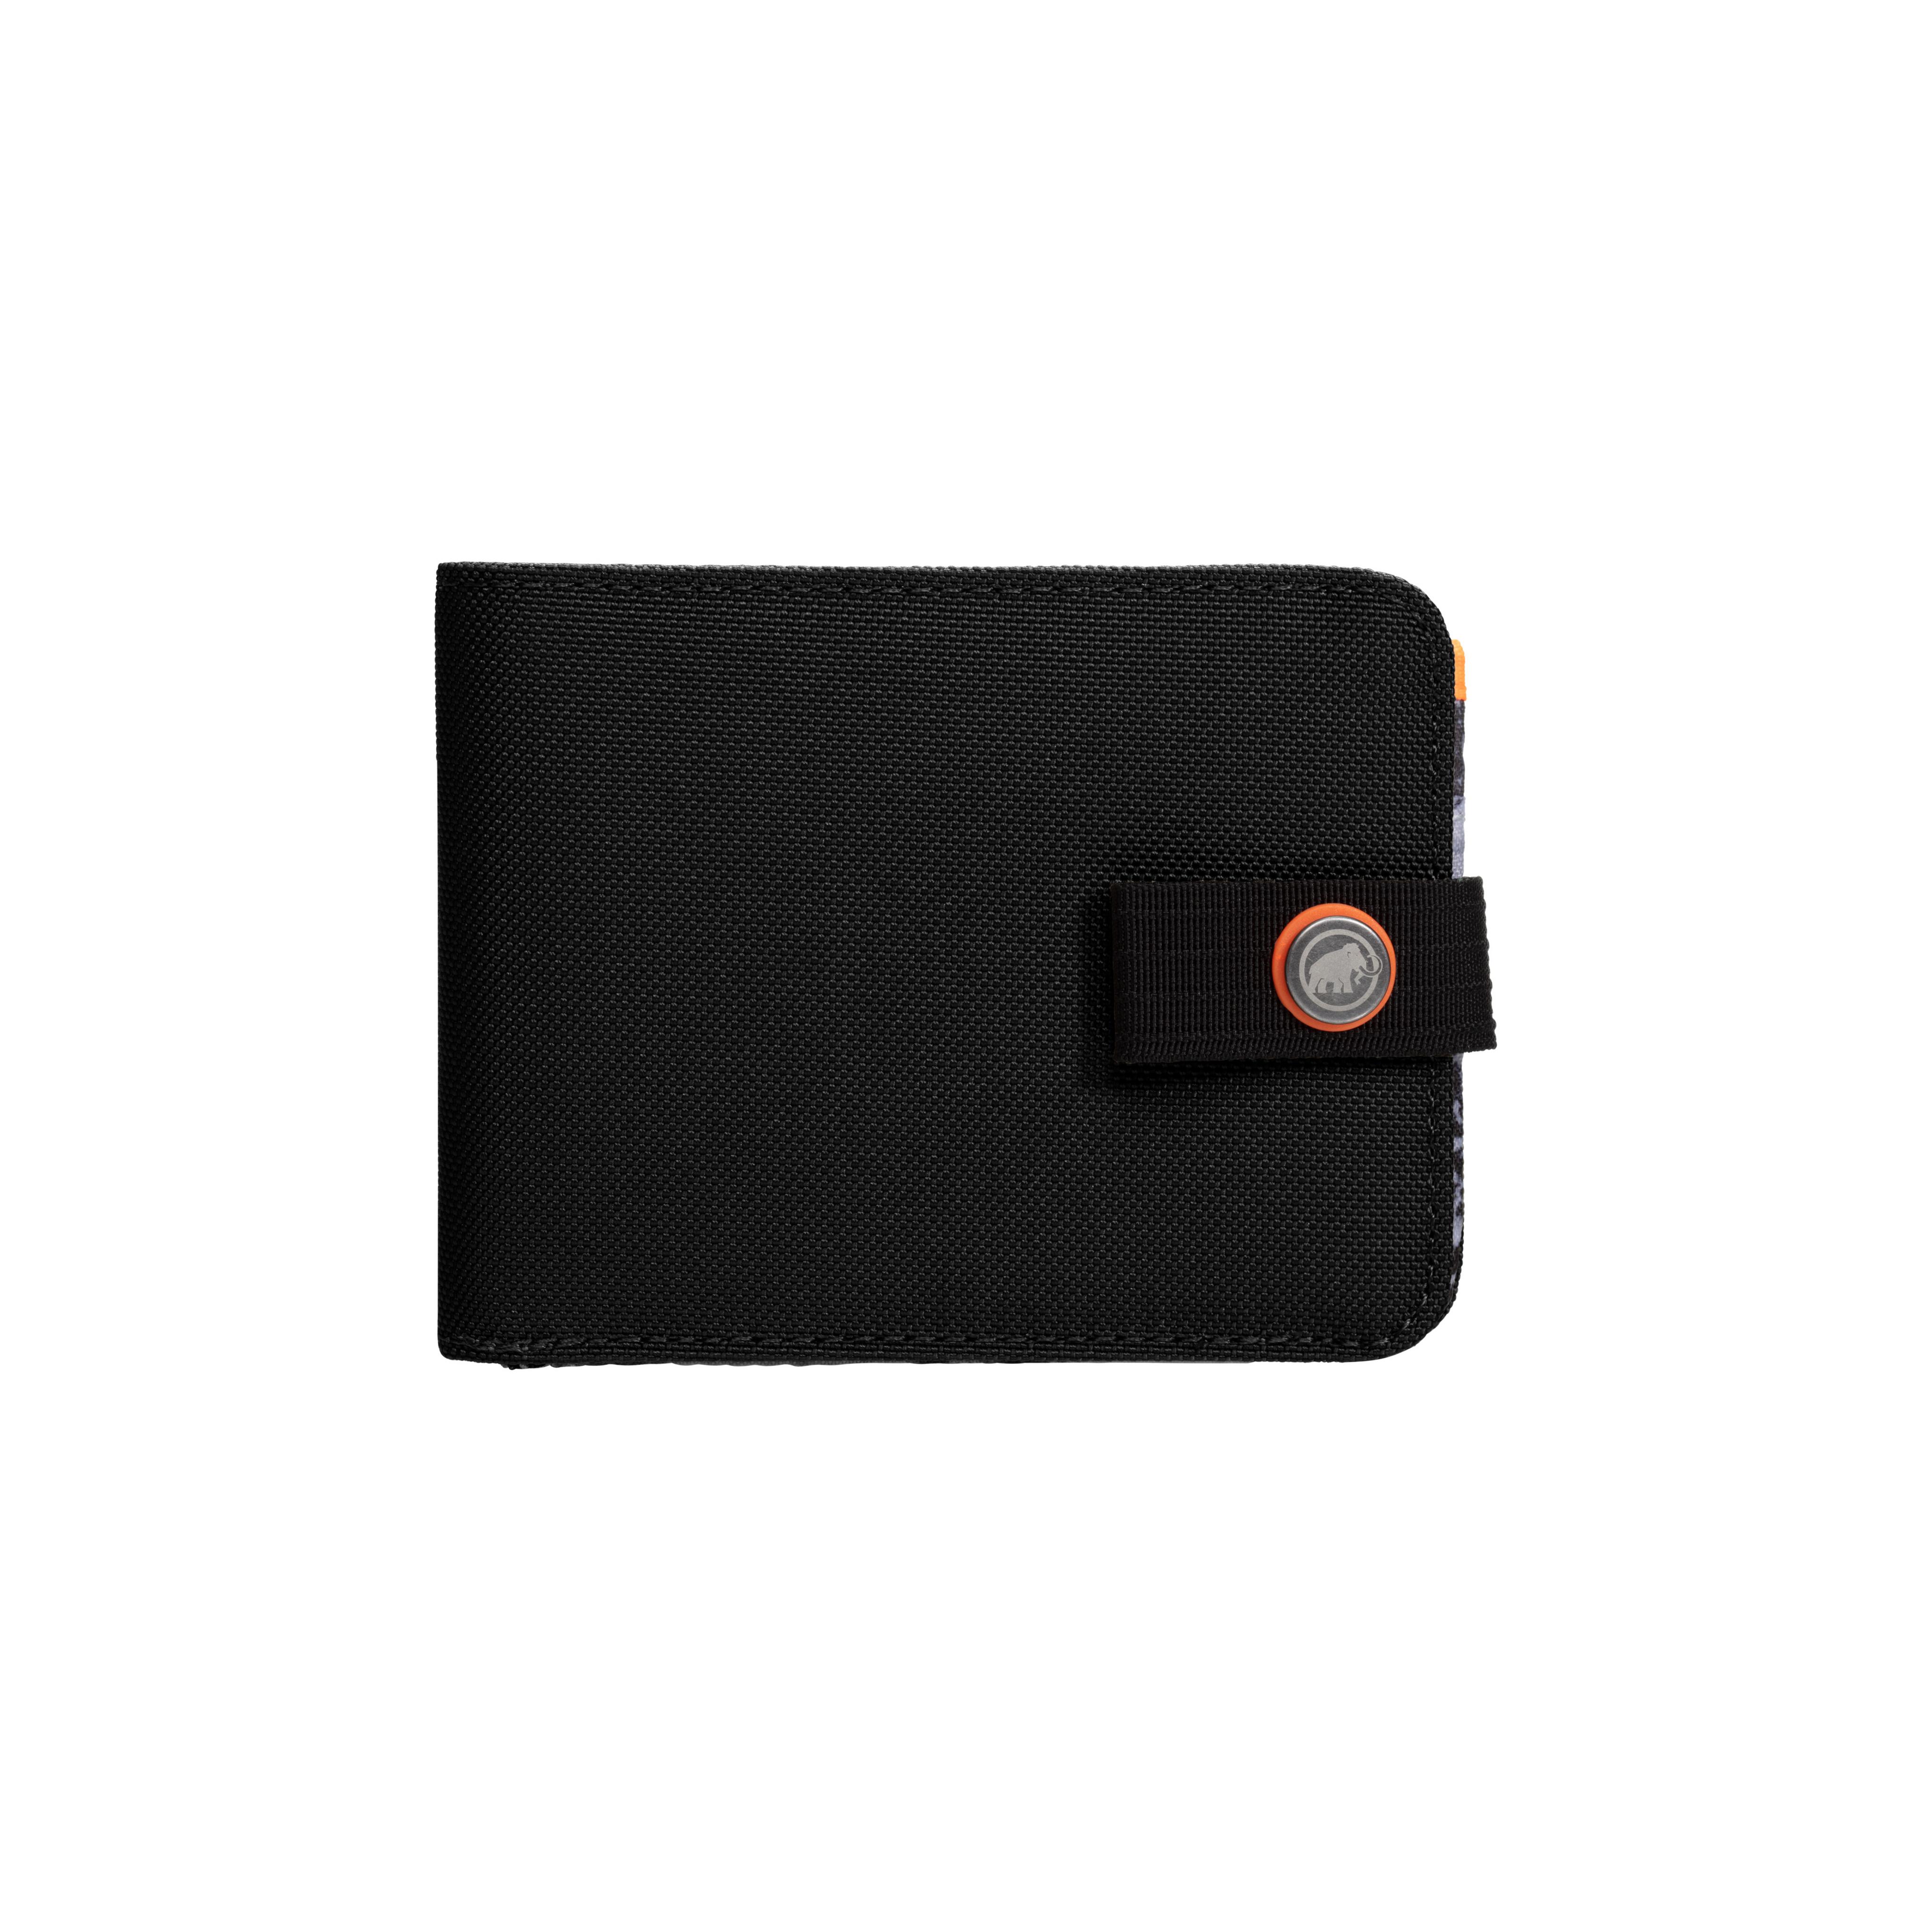 Xeron Wallet - black, one size thumbnail